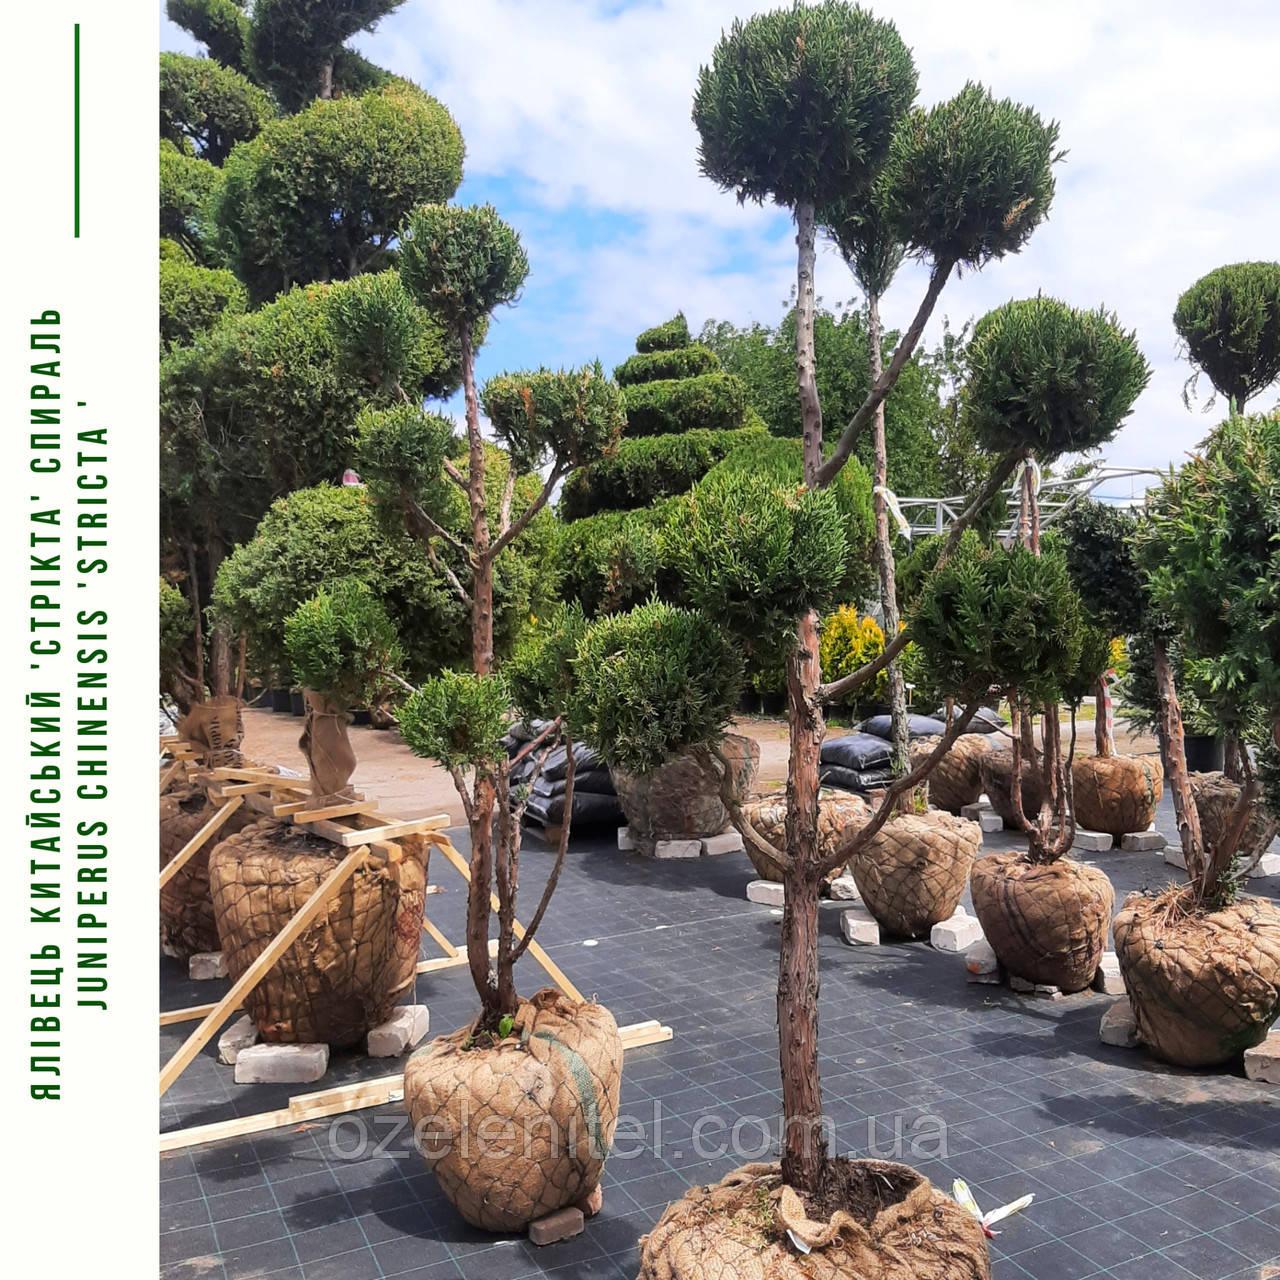 Можжевельник китайский 'Стрикта'/ Juniperus chinensis 'Stricta'/ Ялівець китайський 'Стрікта' БОНСАЙ